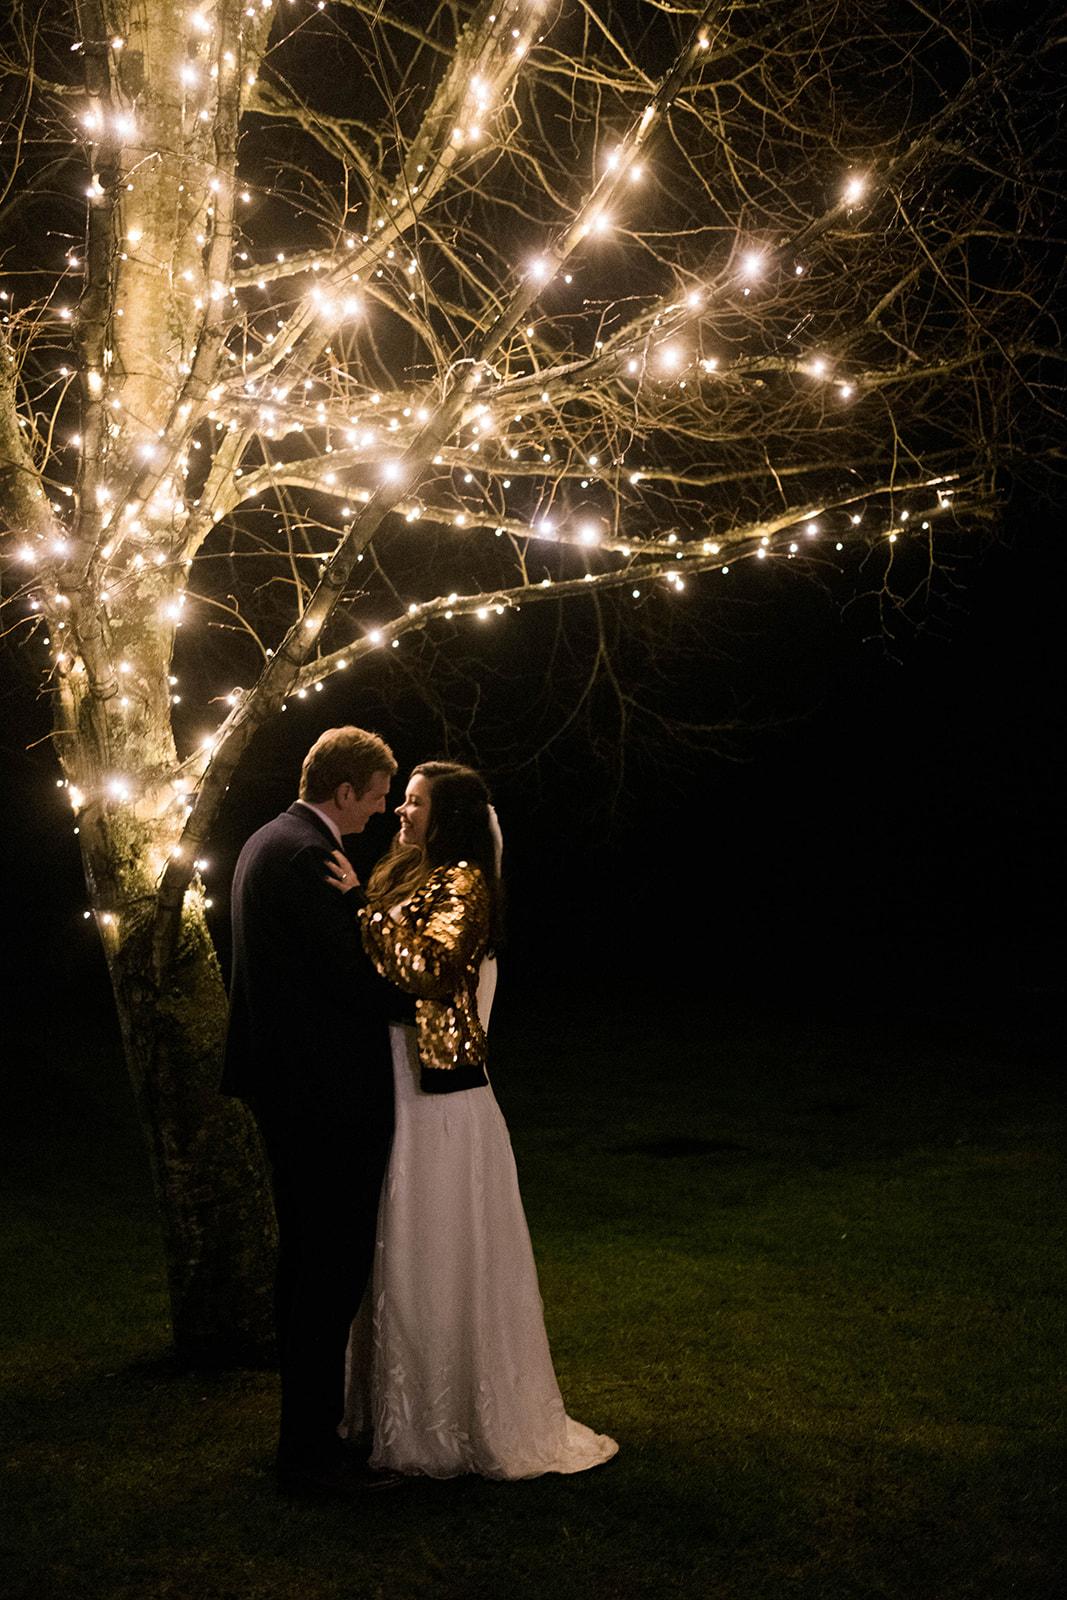 wedding-photography-georgie-greg-claudiarosecarter-267.jpg